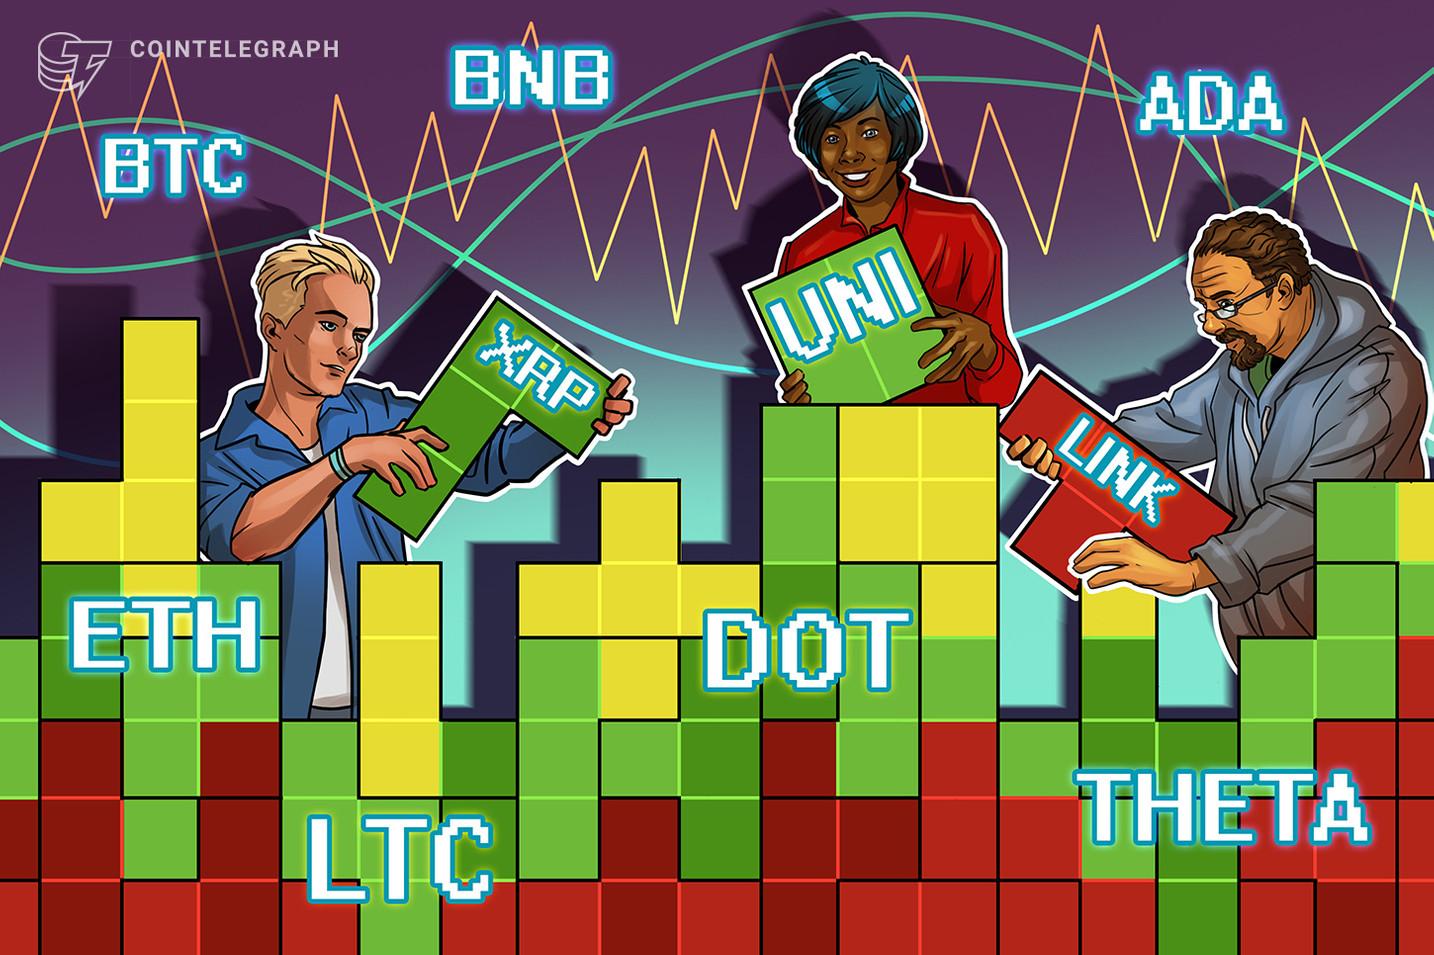 Análisis de precios del 5 de abril: BTC, ETH, BNB, DOT, ADA, XRP, UNI, LTC, LINK, THETA